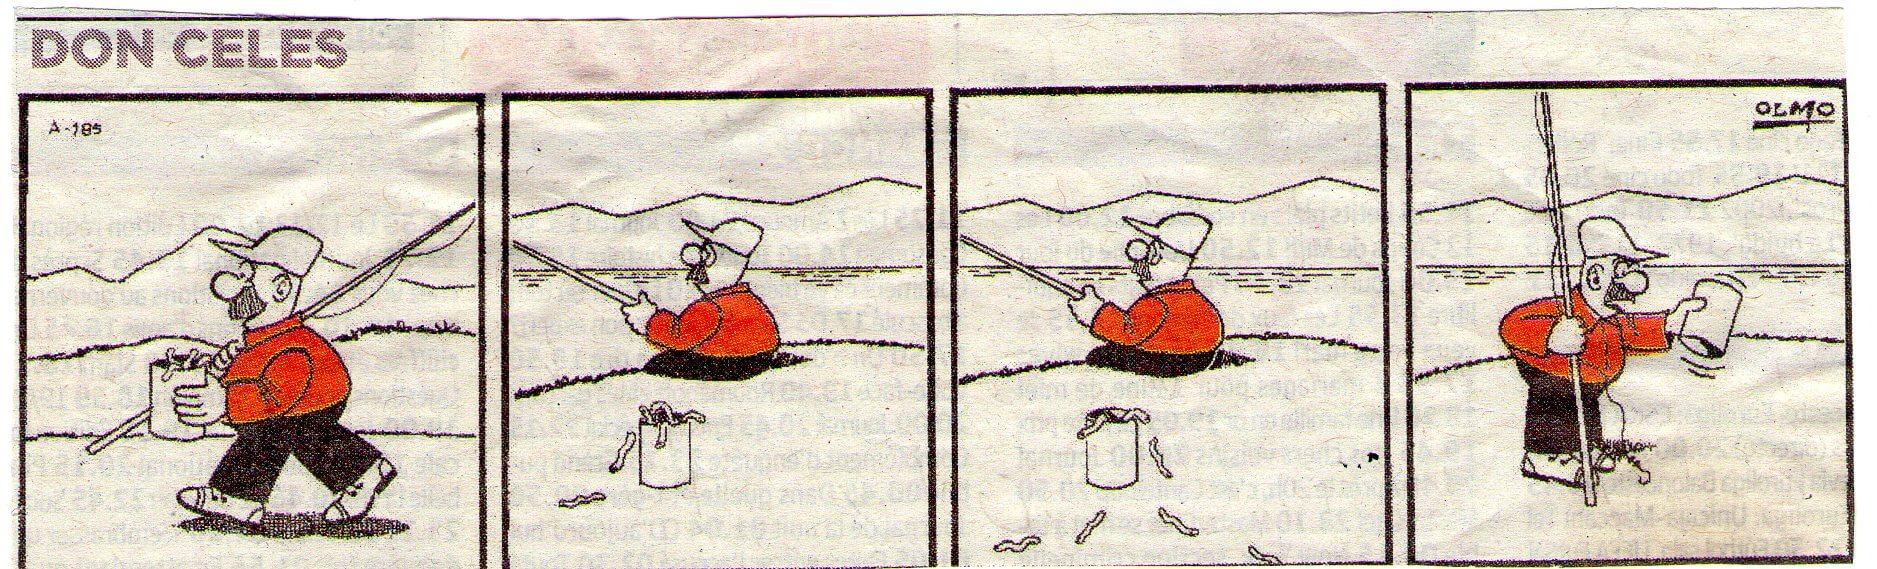 Don Celes pescando con gusanos